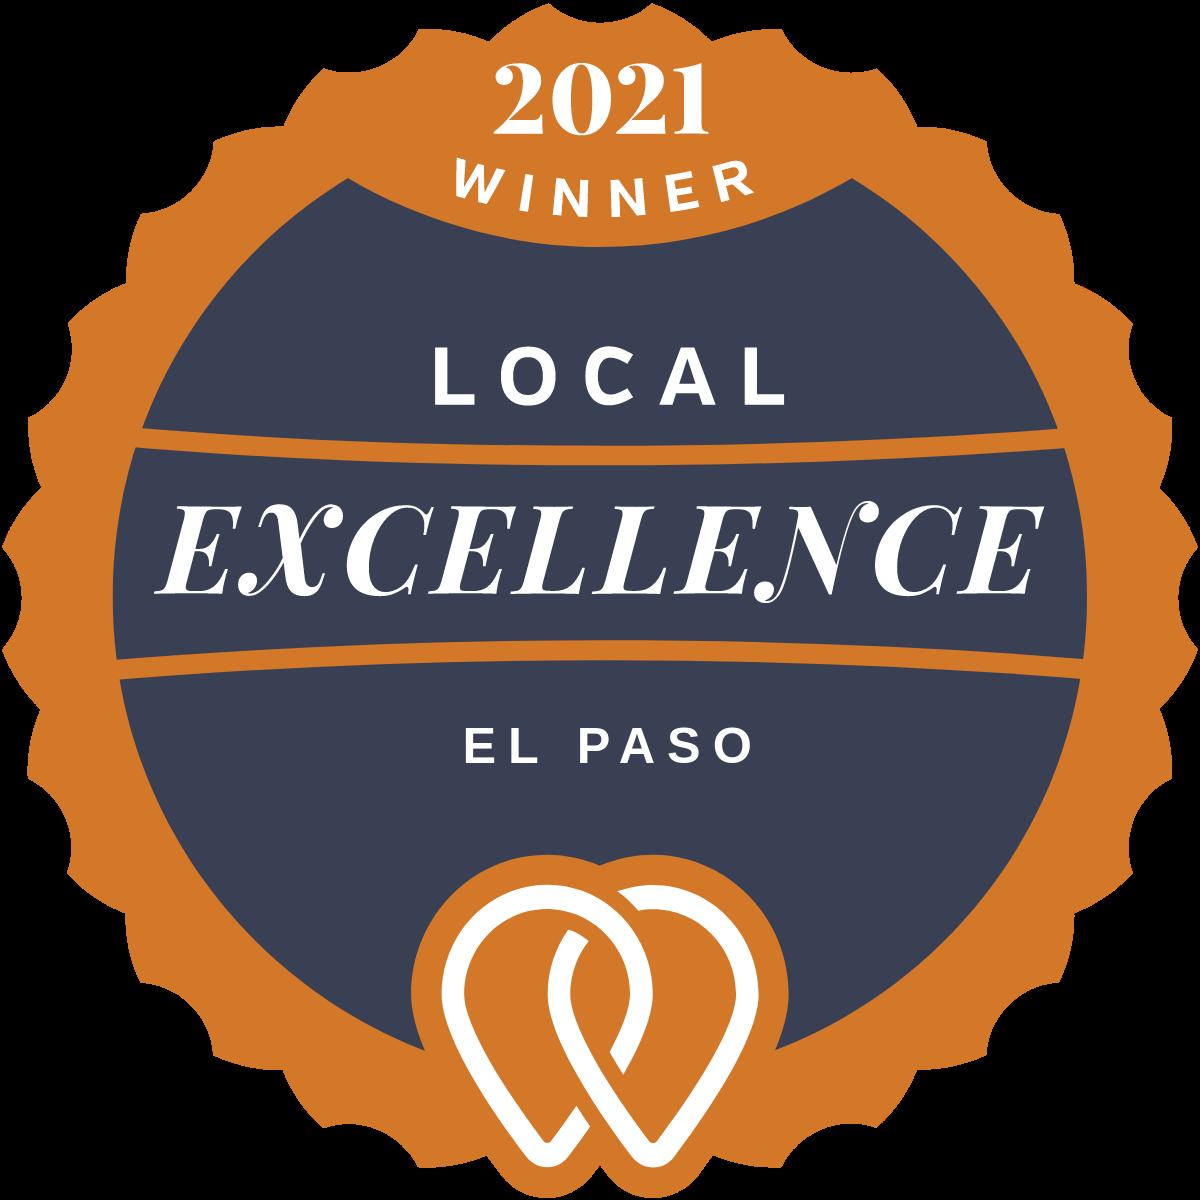 2021 Local Excellence Winner in El Paso, TX